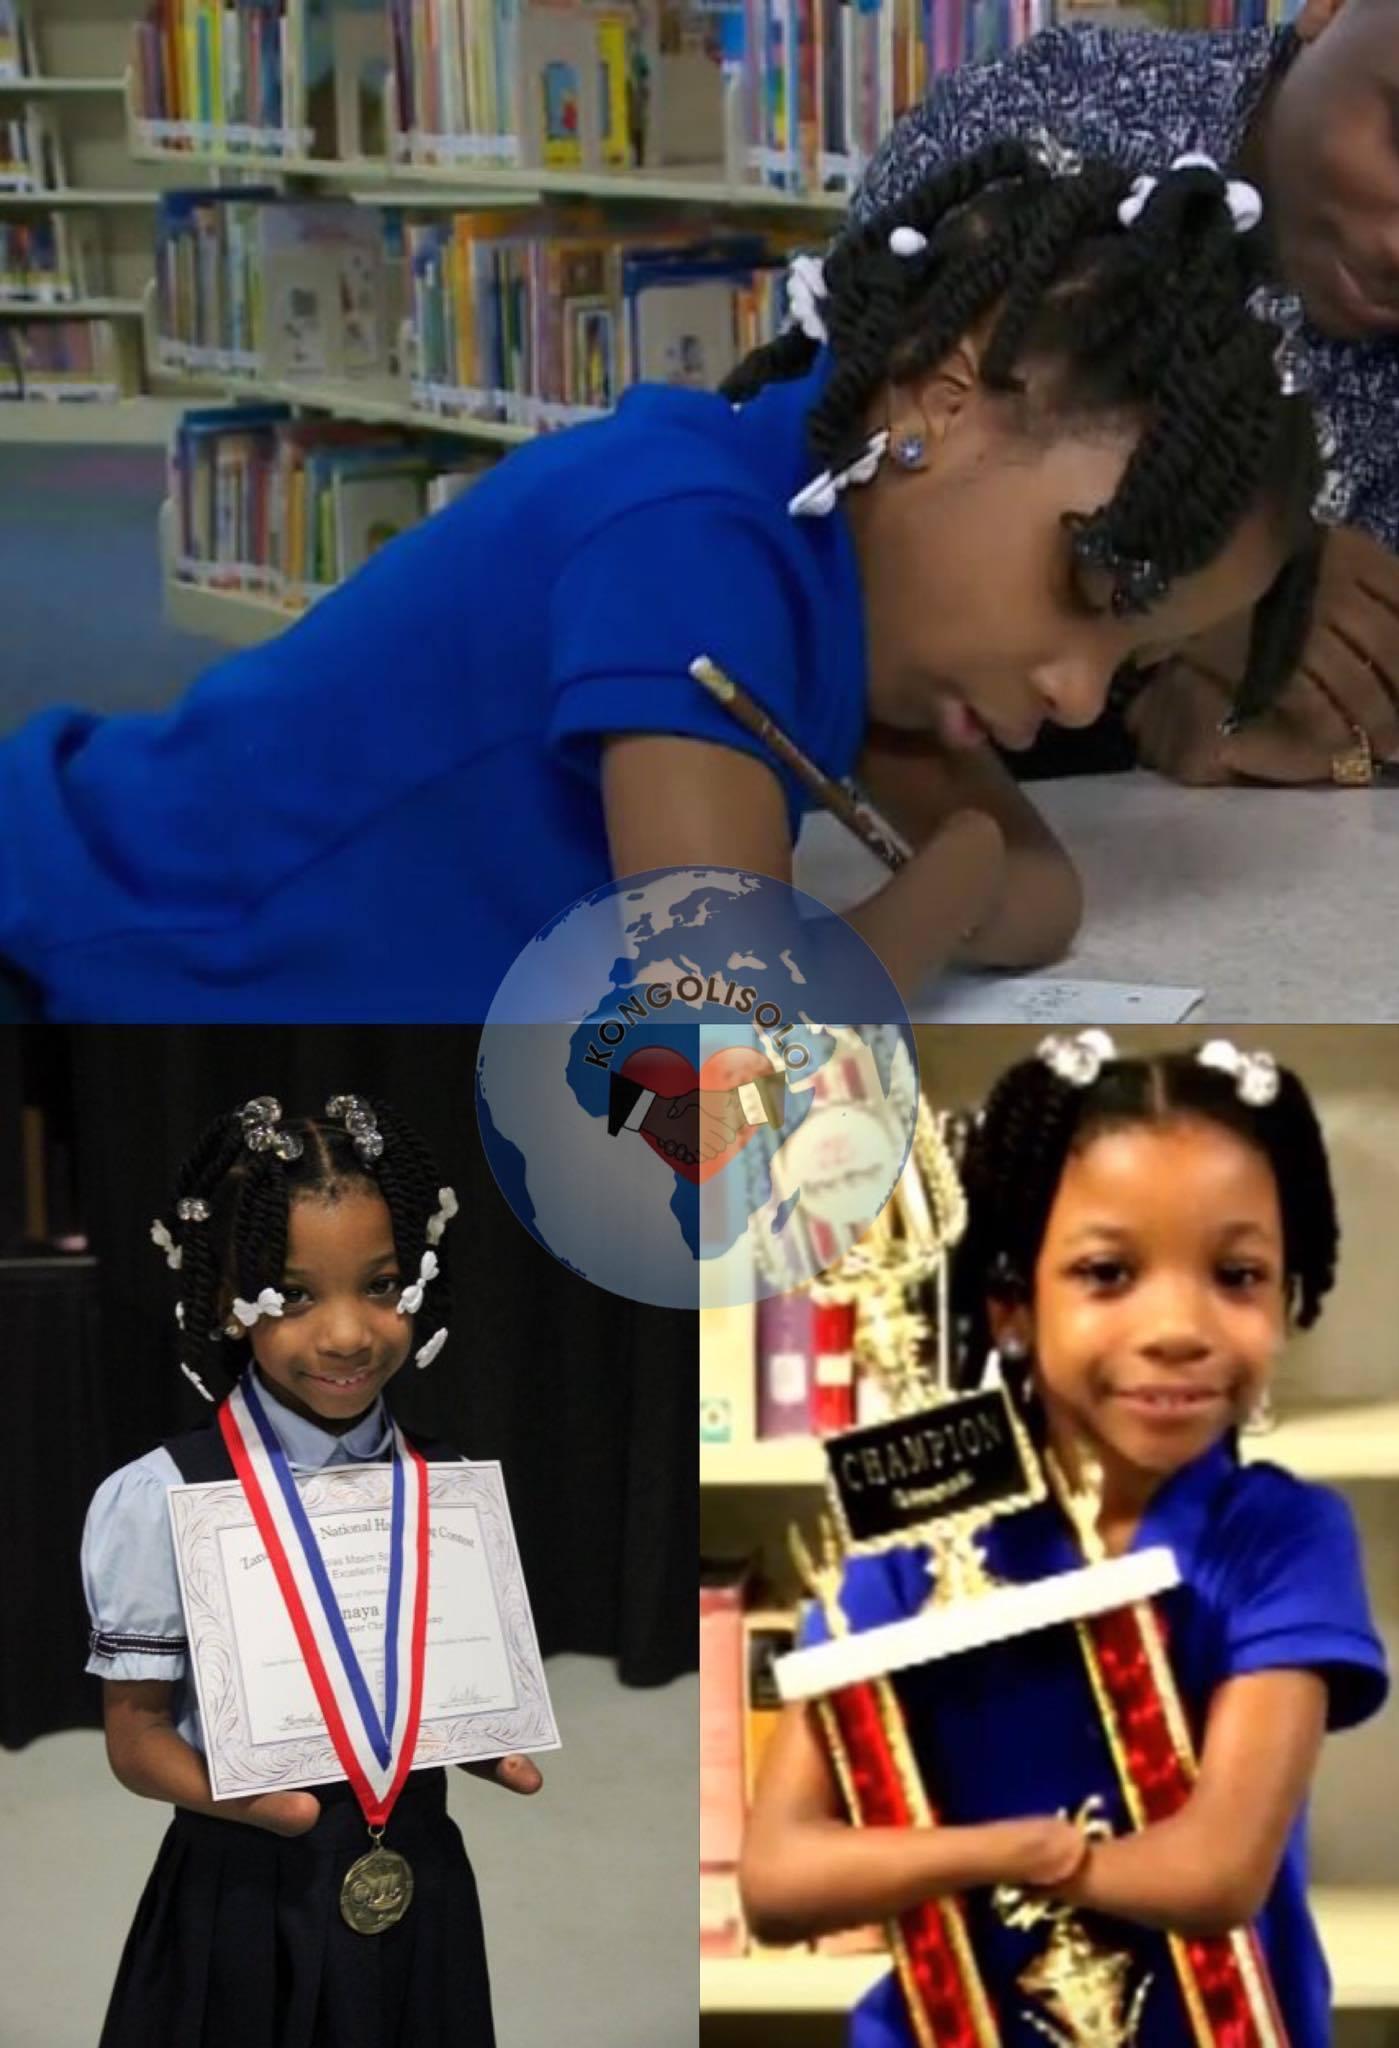 Née sans mains, une fillette de 7 ans remporte un concours d'écriture